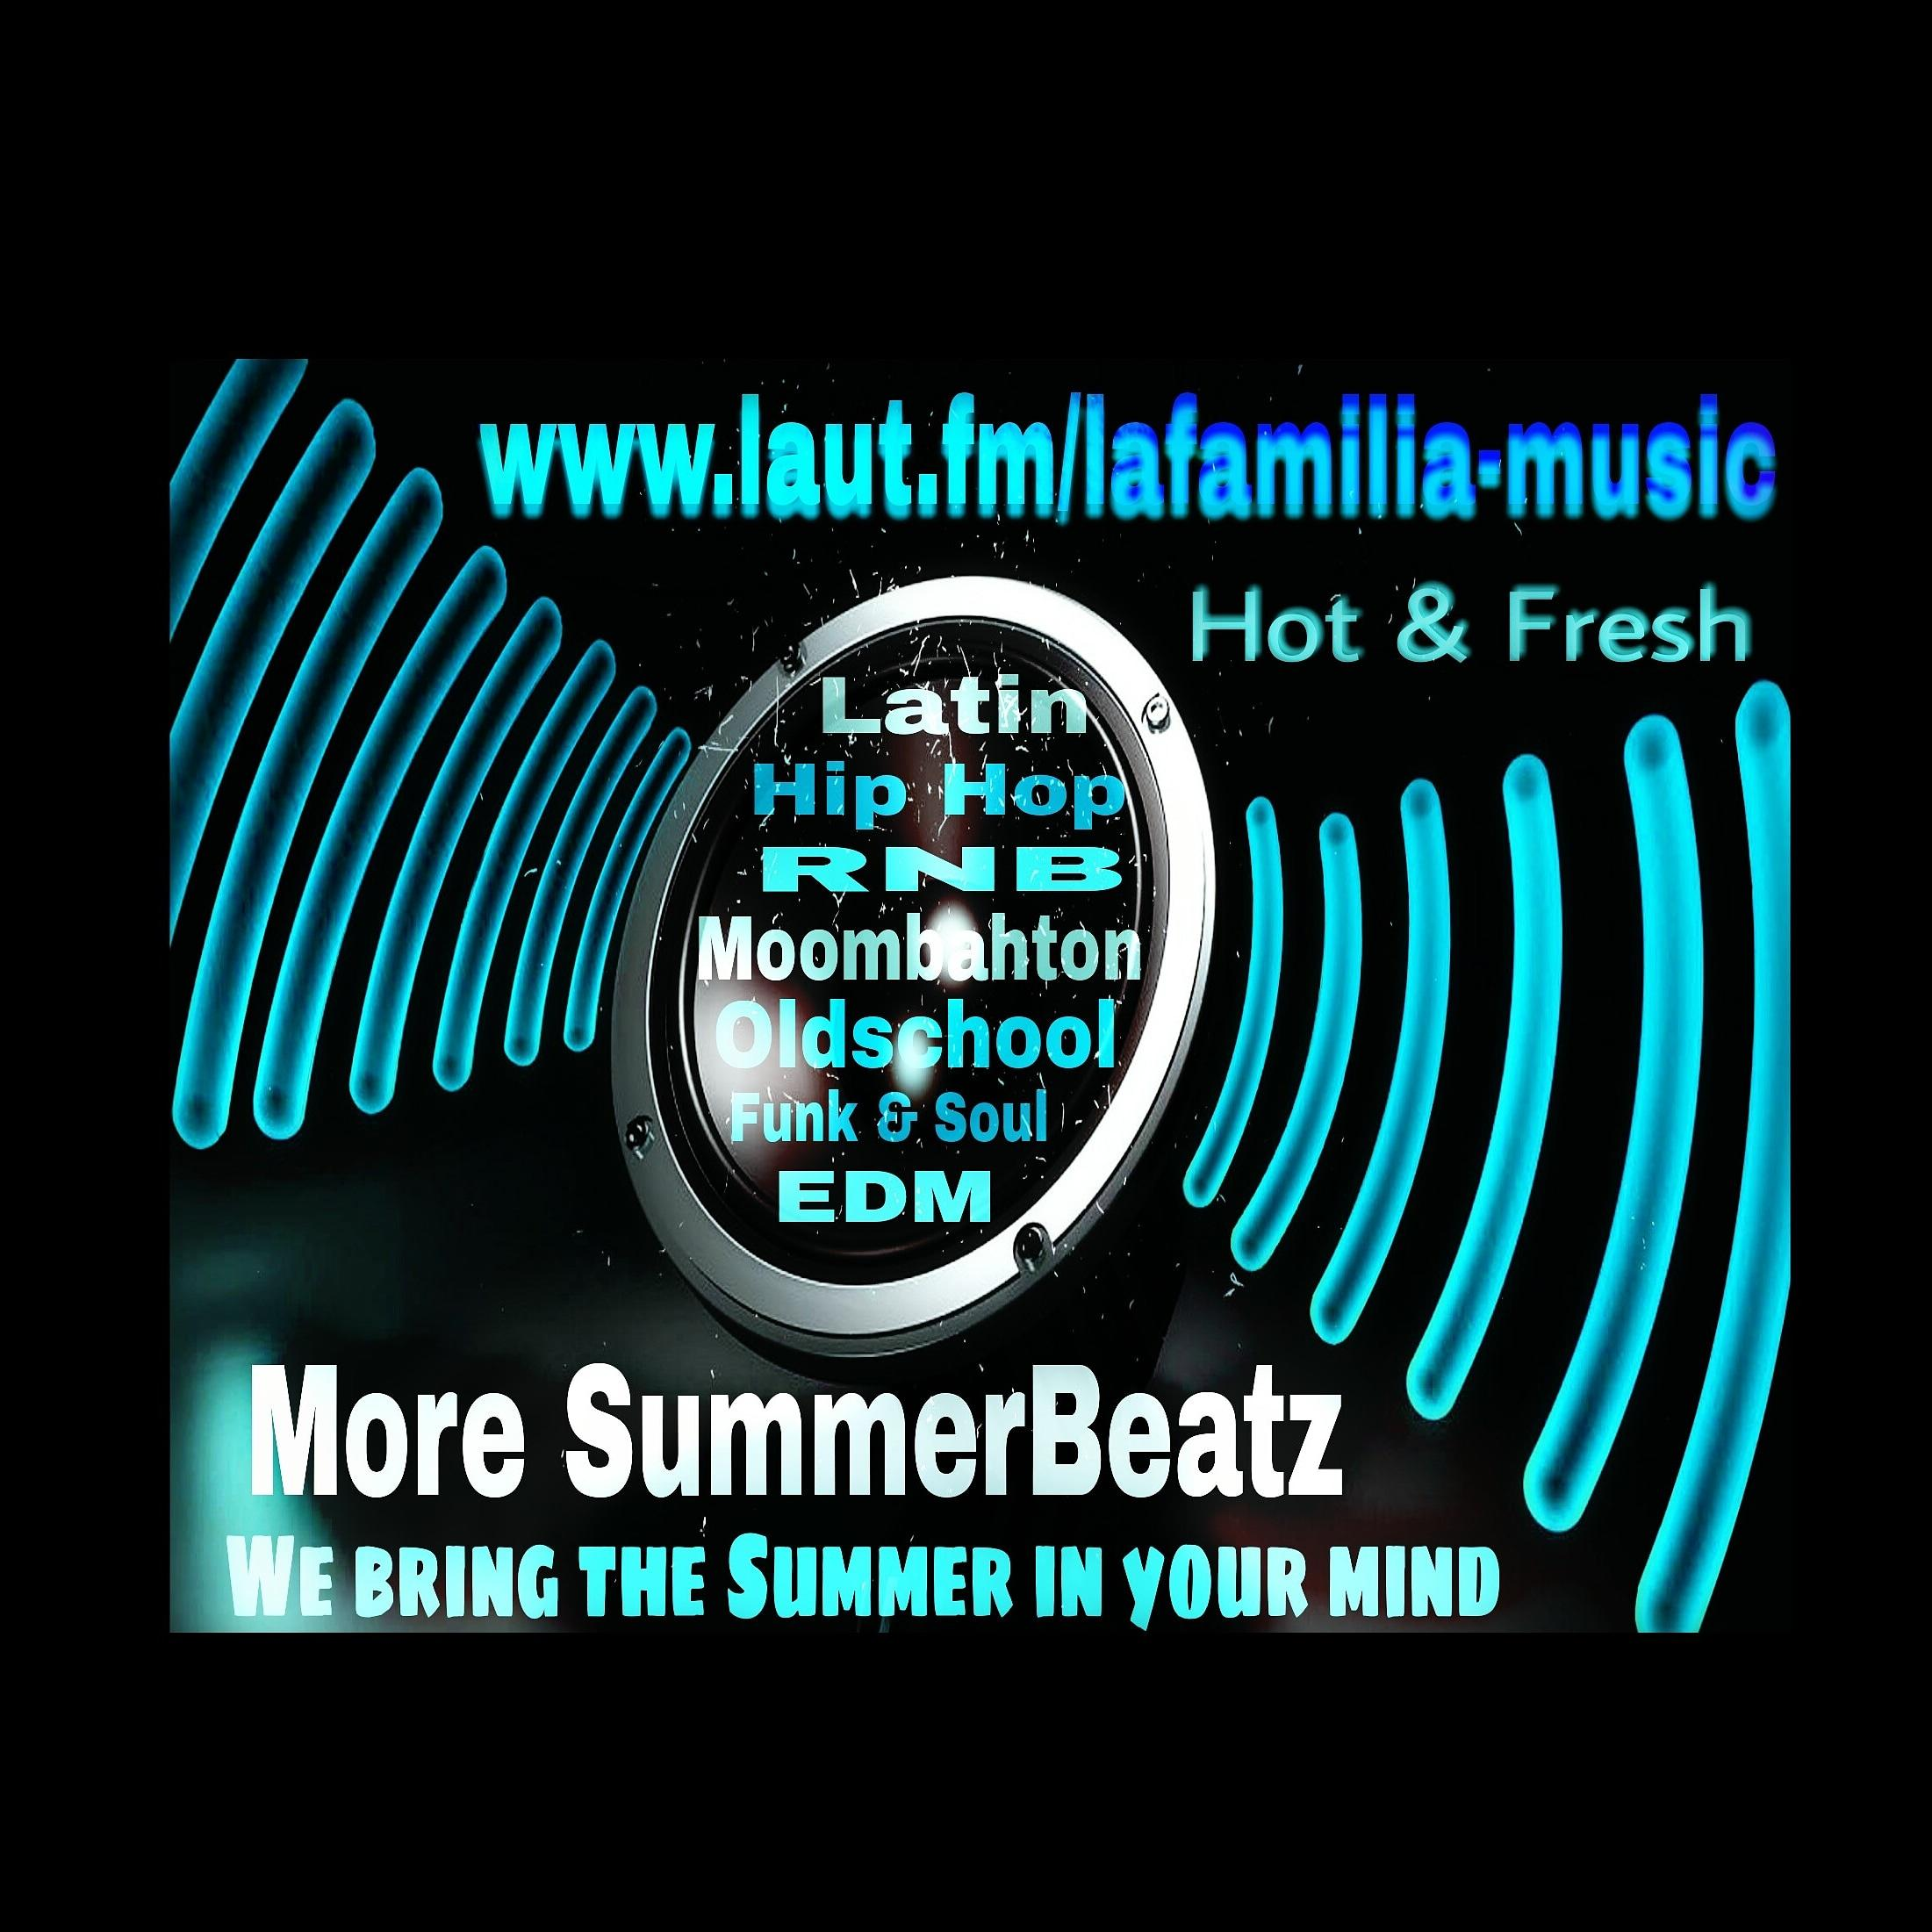 lafamilia-music (laut.fm)